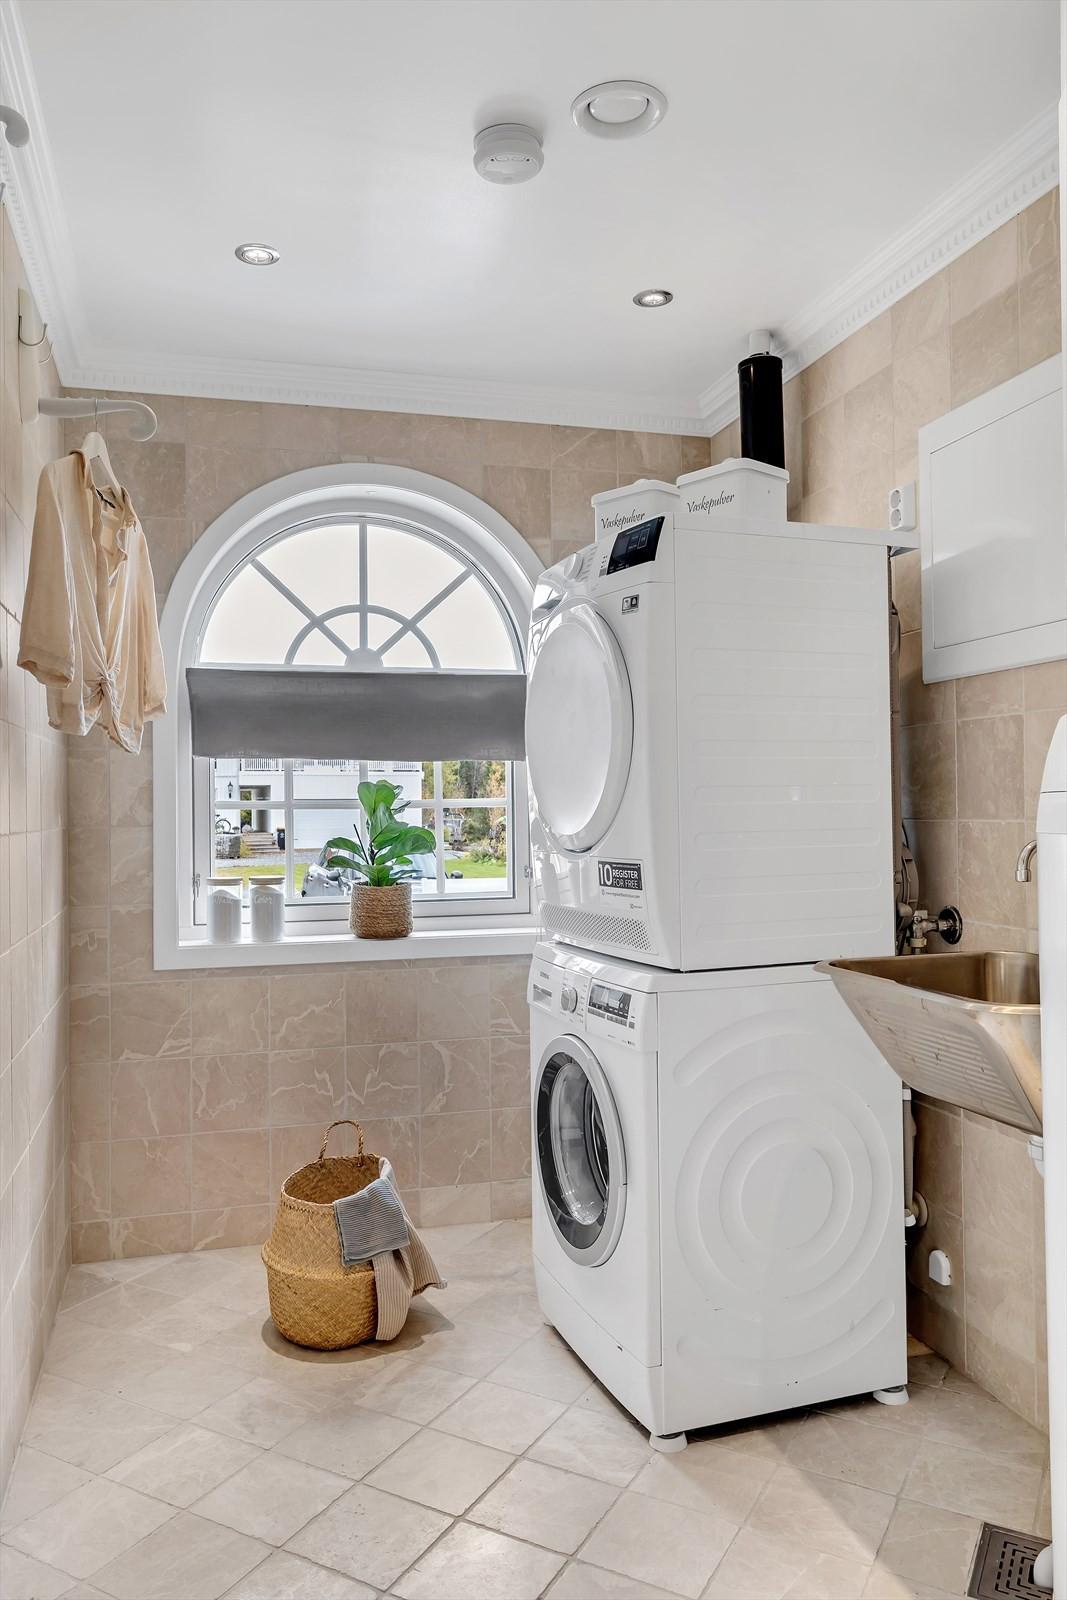 Vaskerommet er i samme stil som resten av våtrommene i huset. Praktisk rom som også har utslagsvask.